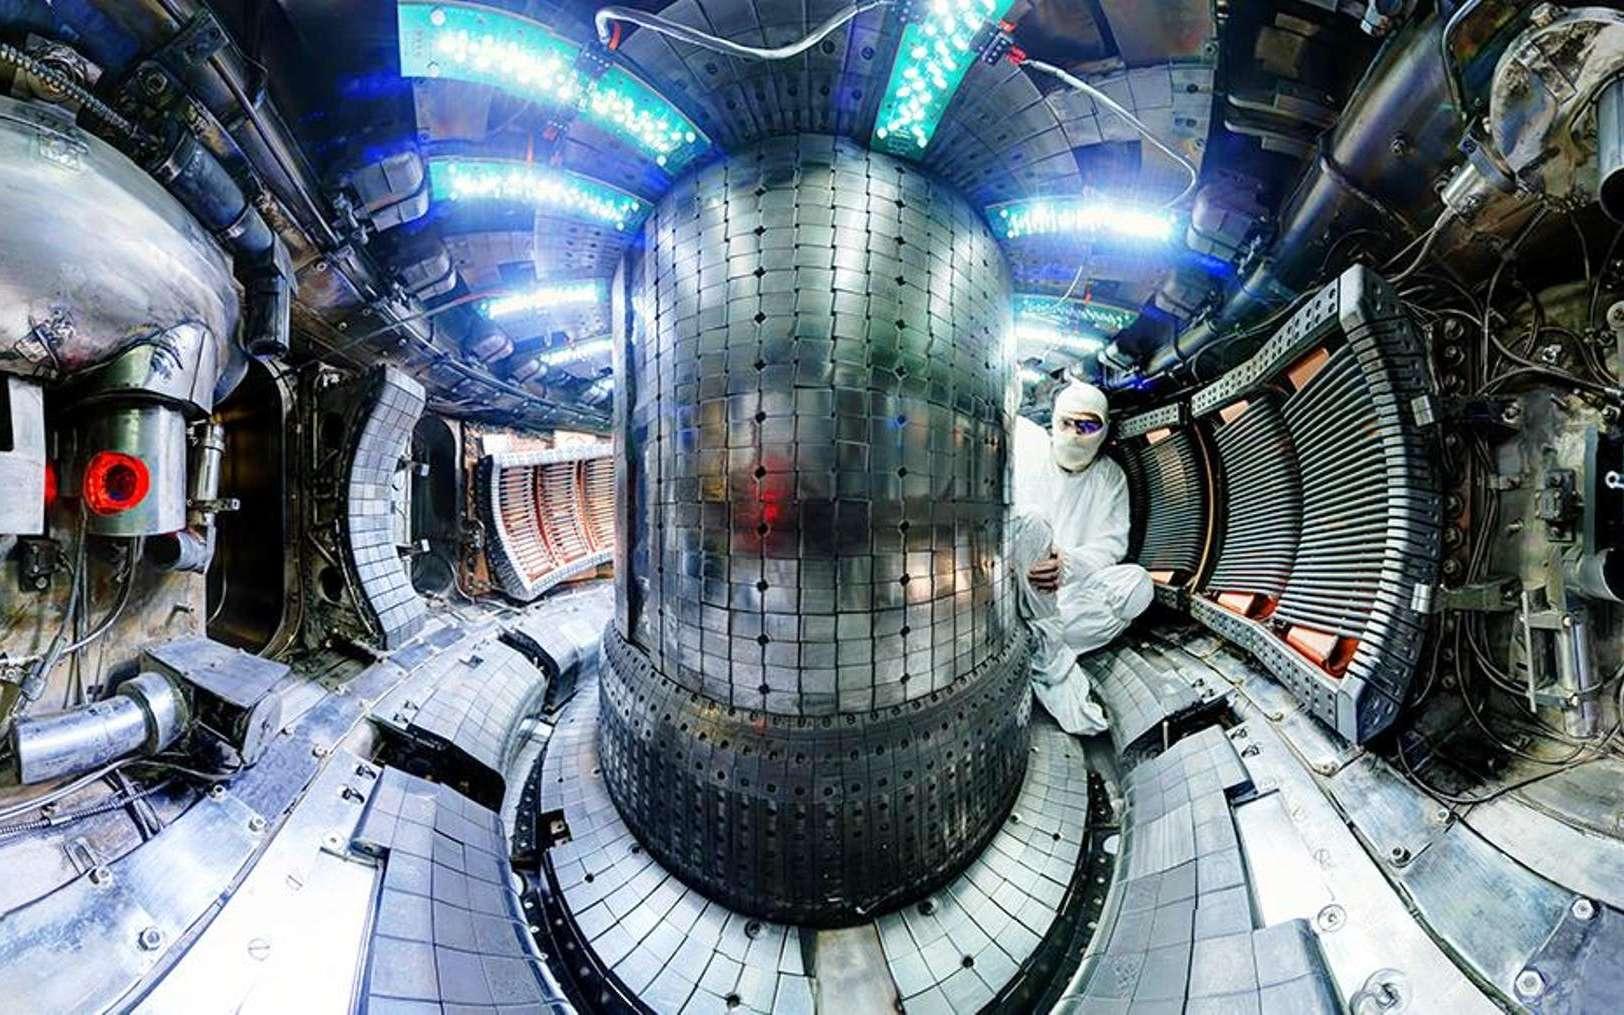 Une vue de l'intérieur du tokamak Alcator C-Mod du MIT. La machine a battu son record du monde pour la pression du plasma dans un tokamak lors de son chant de cygne. © Plasma Science and Fusion Center